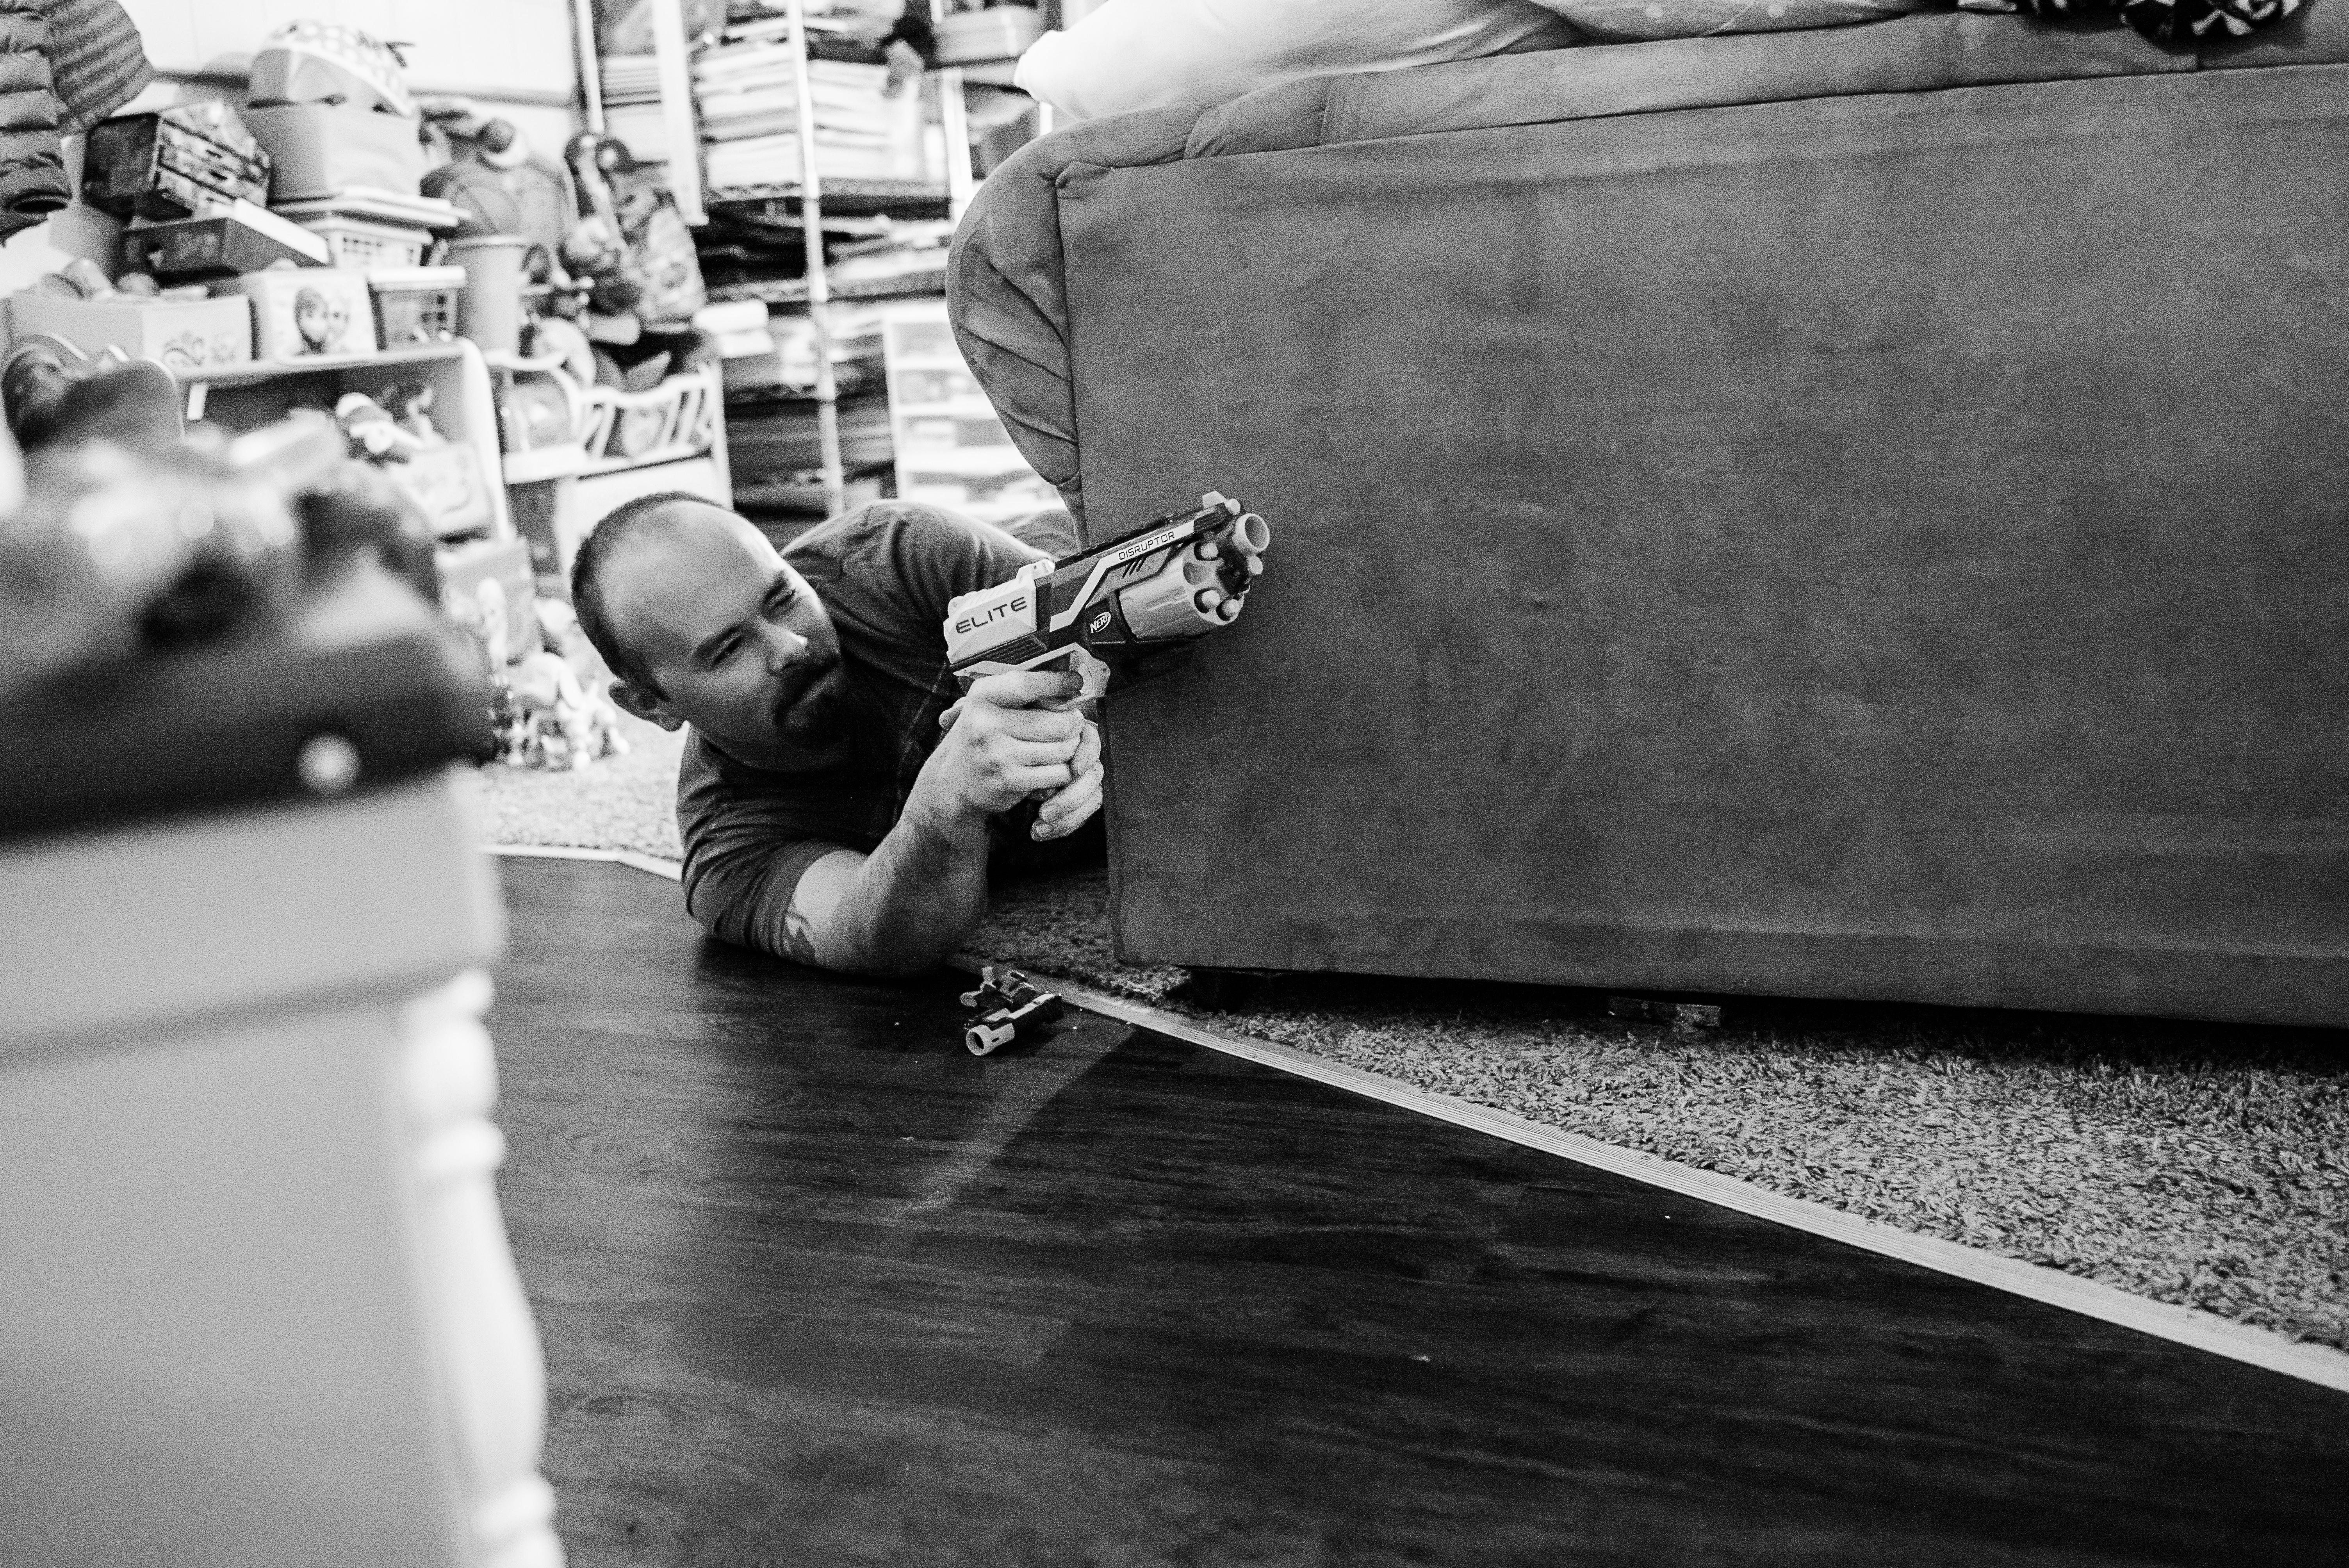 Man shooting nerf gun